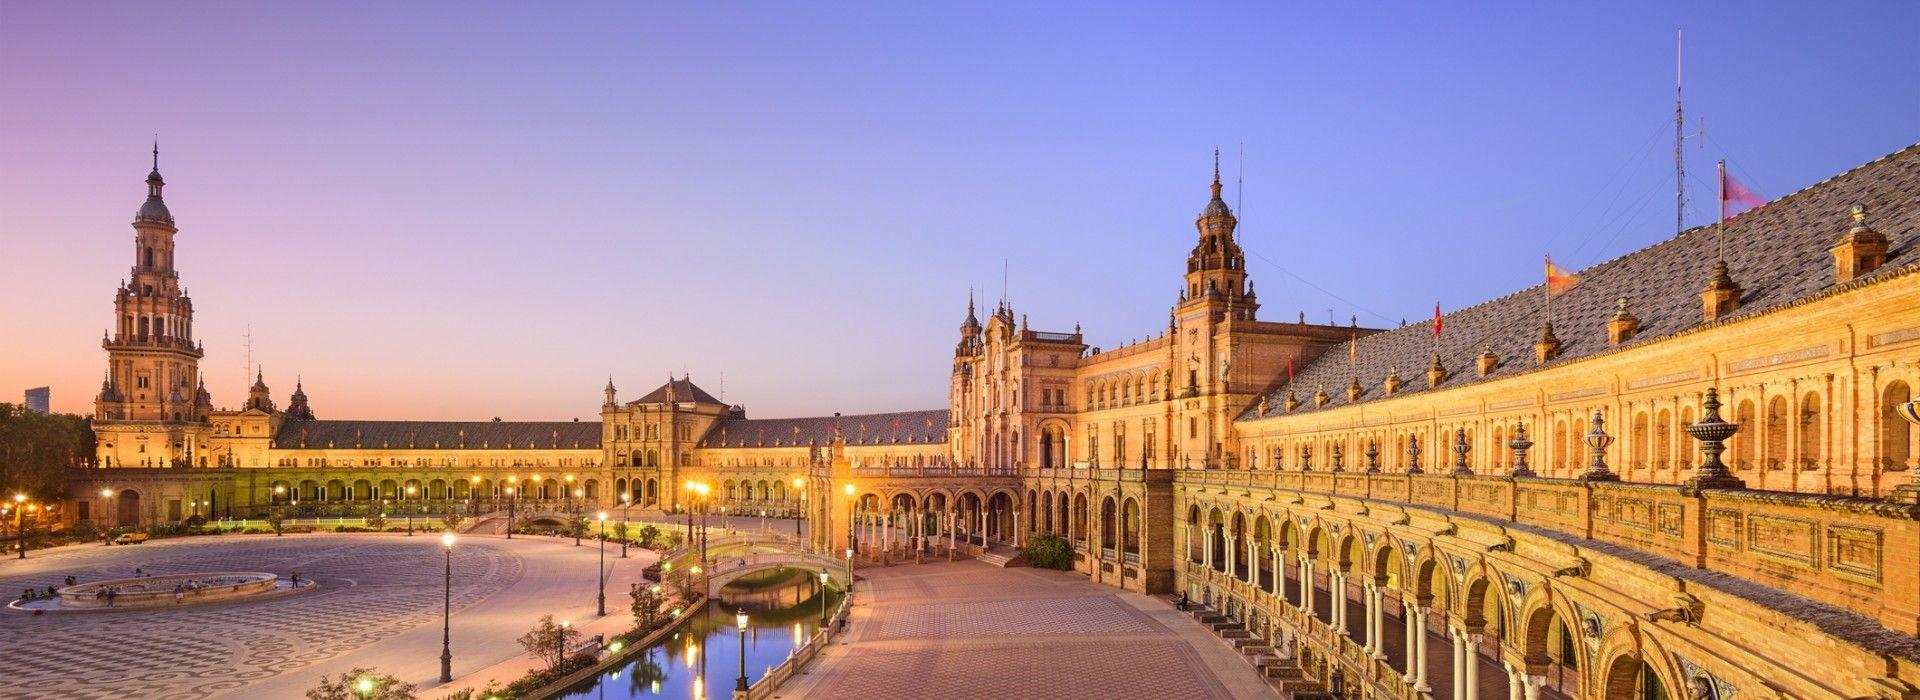 Wine tasting tours in Spain